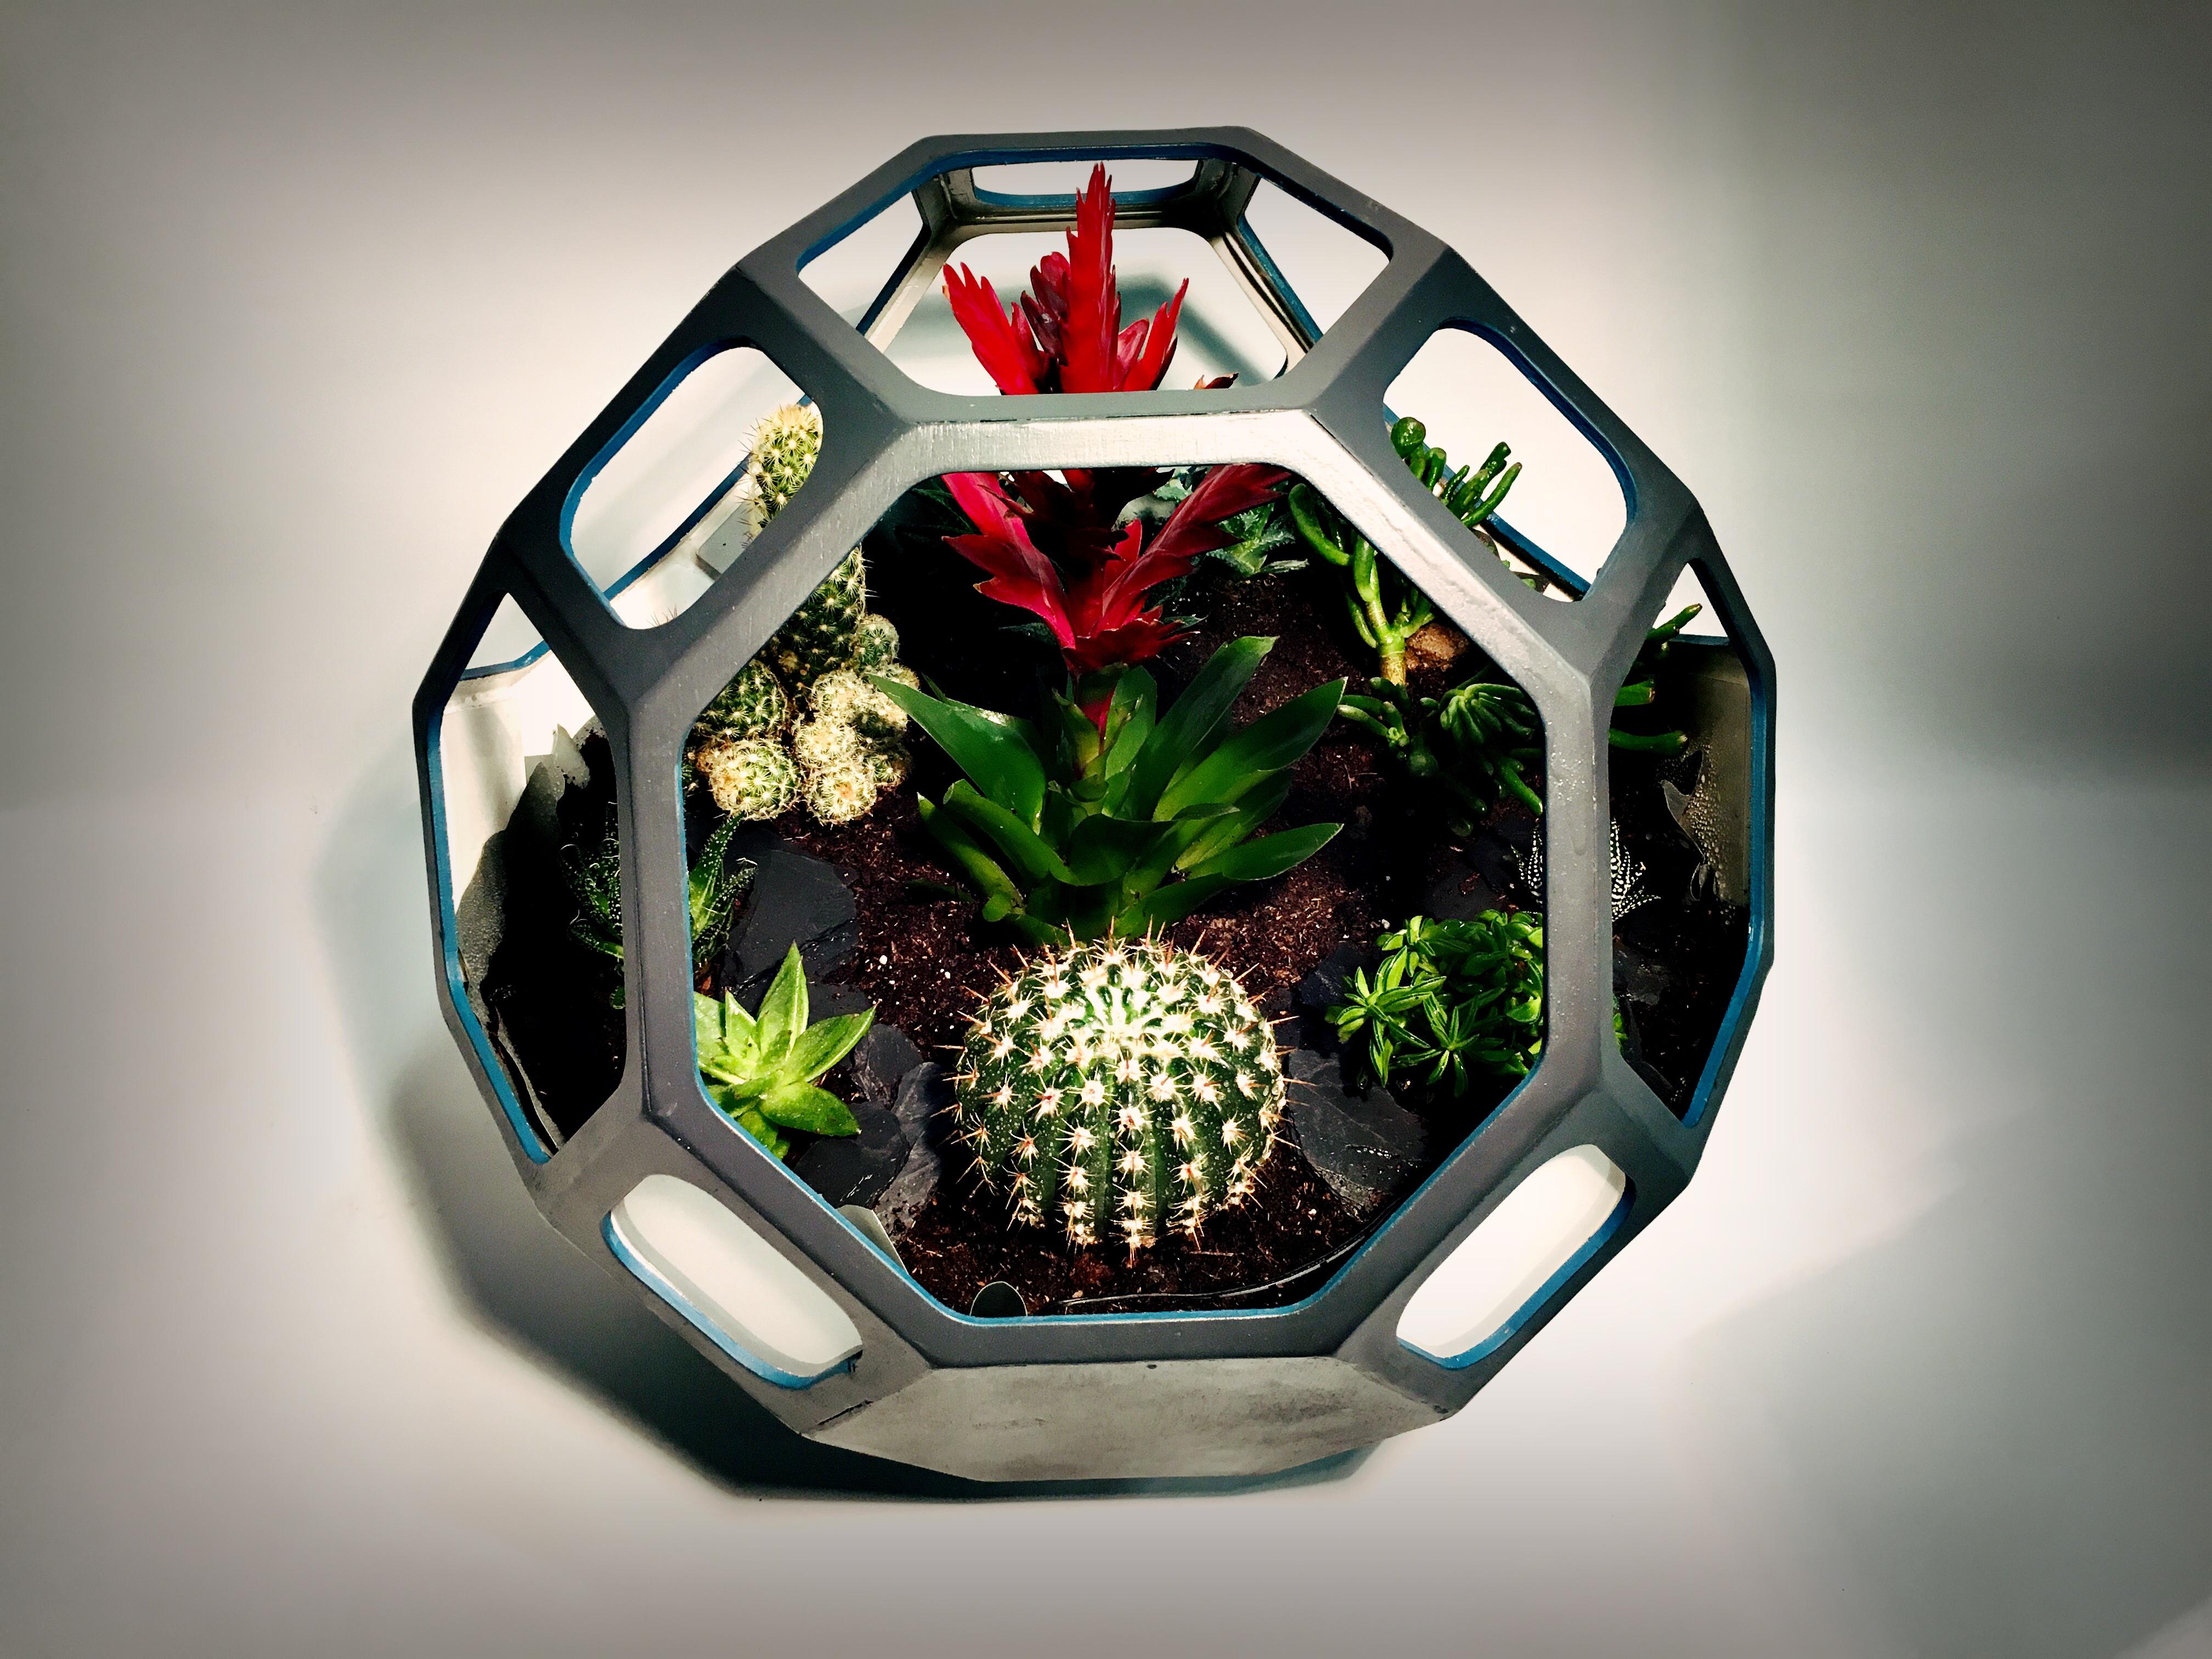 Météor - Terrarium - Design by Crayon Laser METEOR - TERRARIUM - CRAYON LASER.JPG